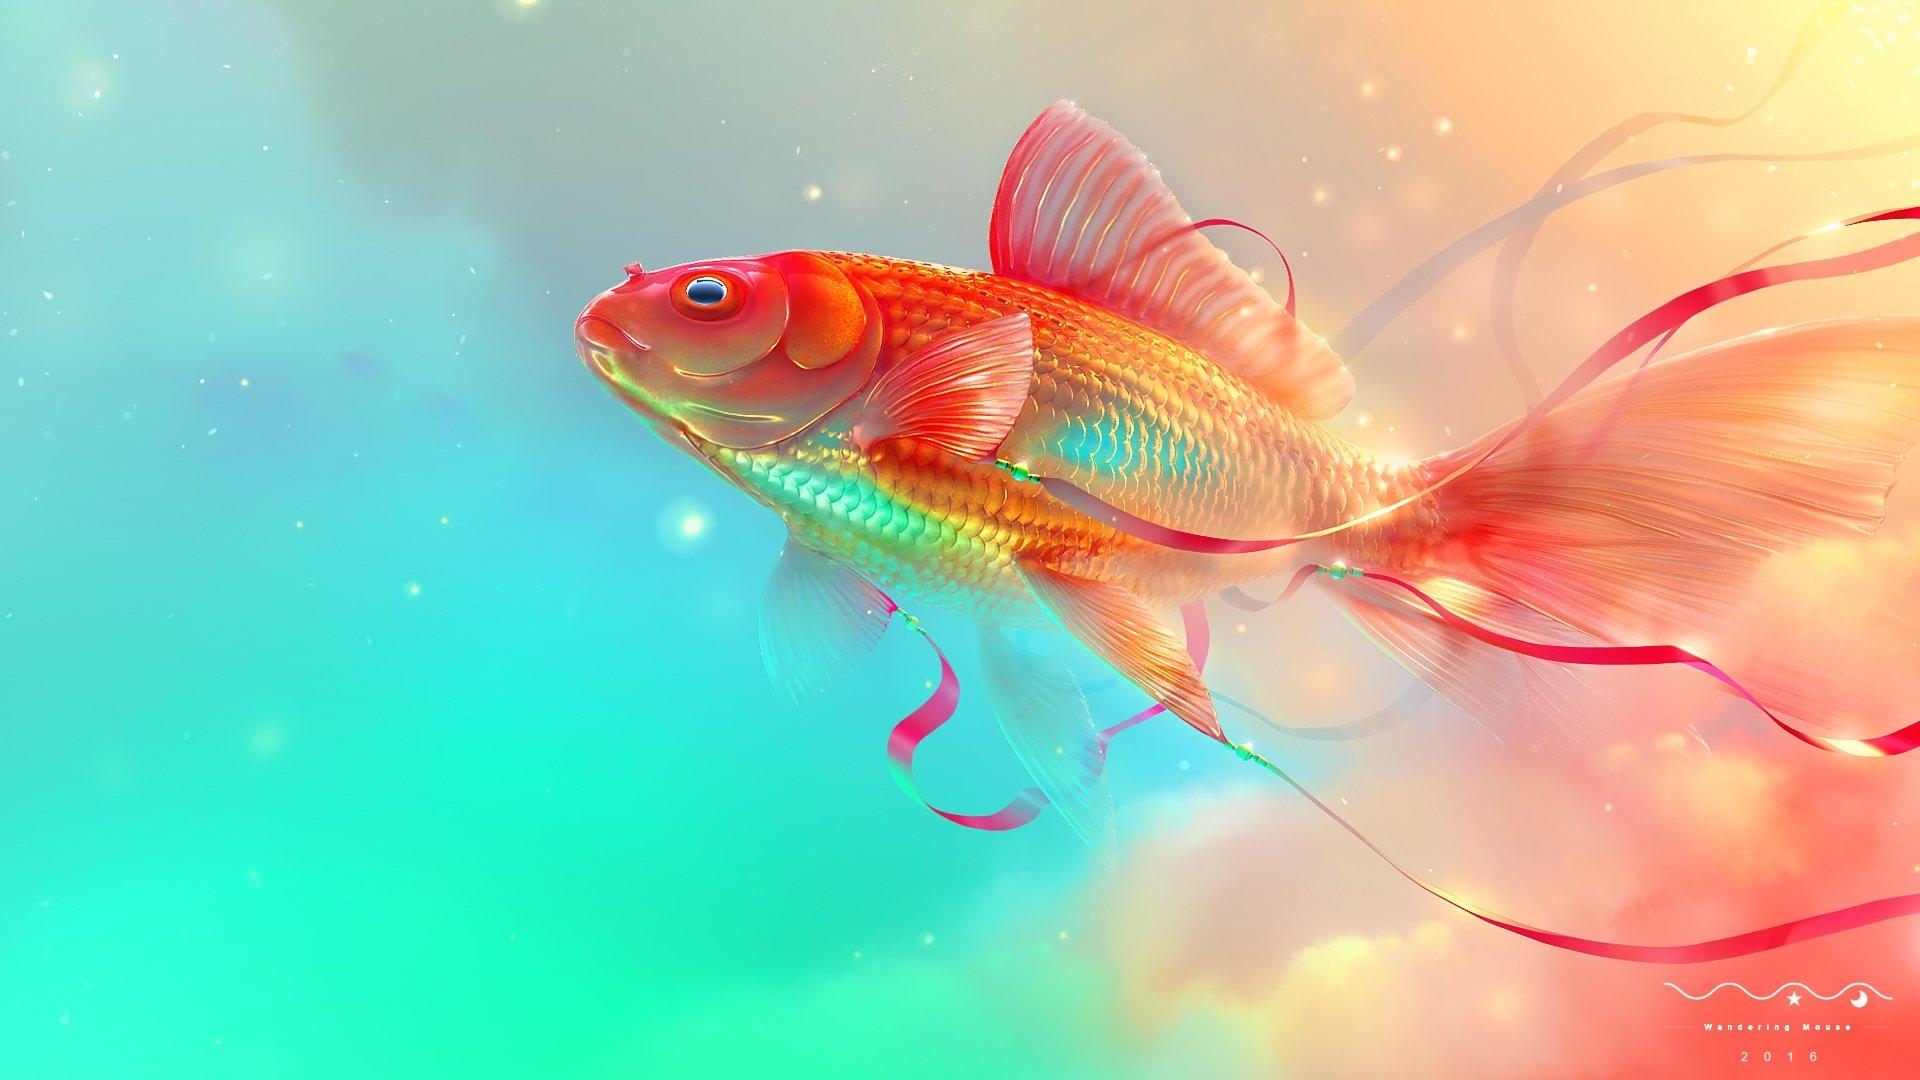 Скачать Обои На Рабочий Стол Рыбы